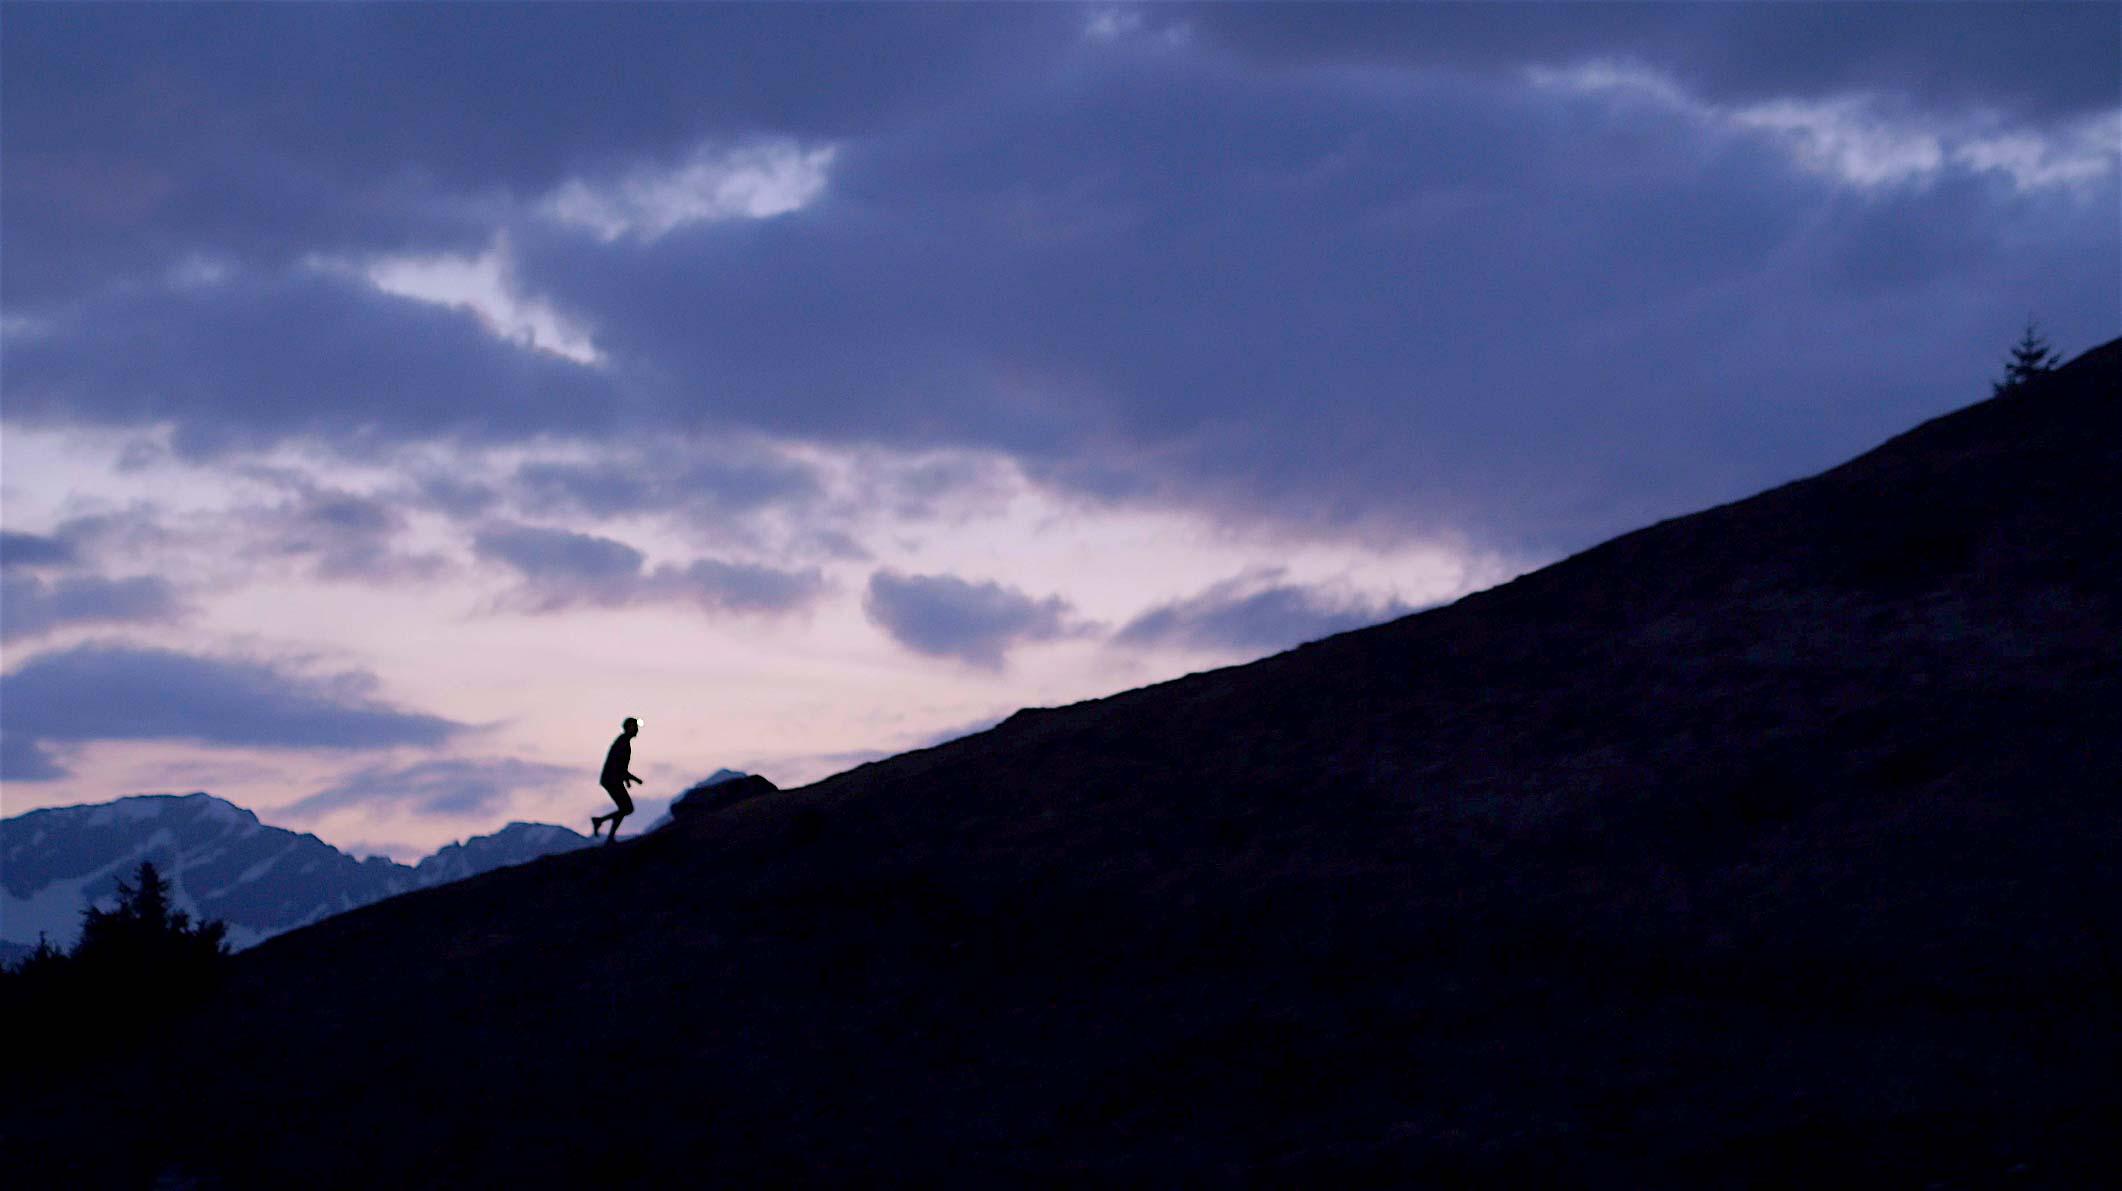 Prise de vue par drone en montagne de nuit